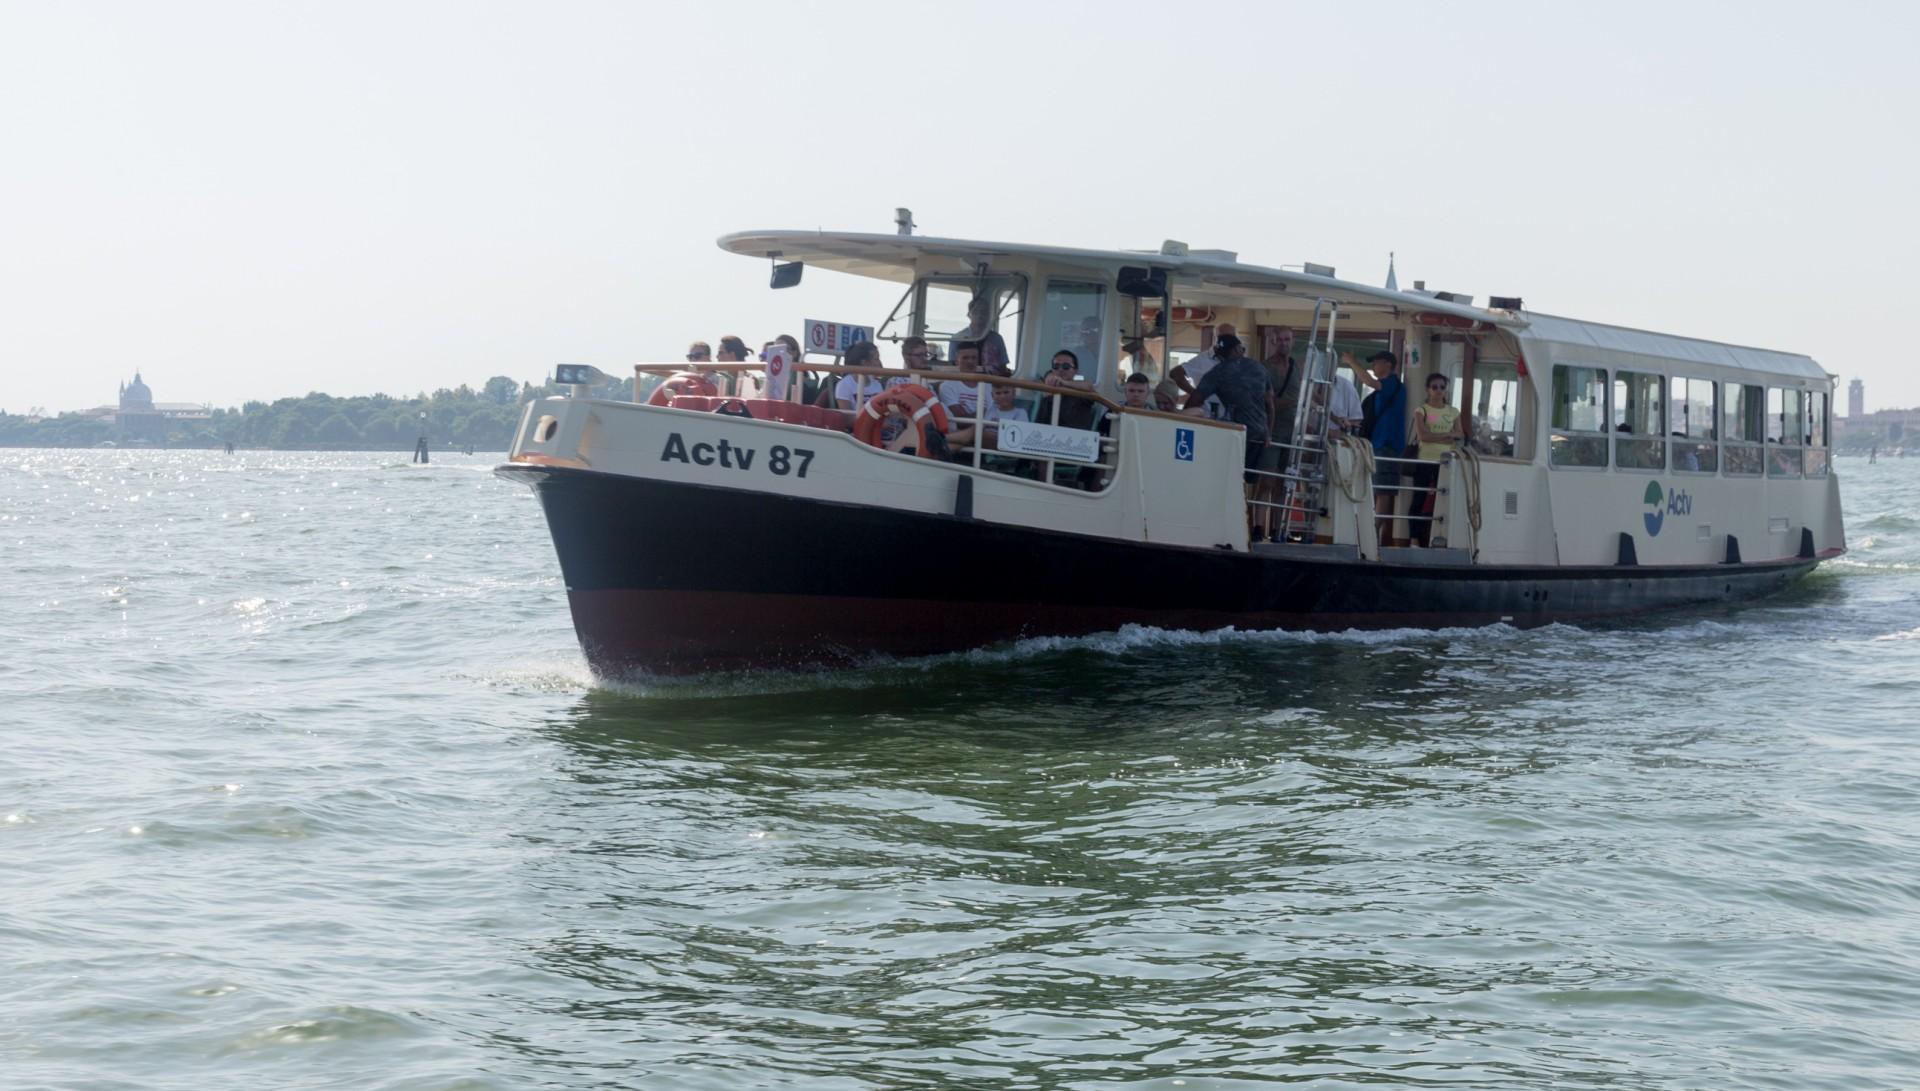 Vaporetto, der Stadtverkehr in Venedig